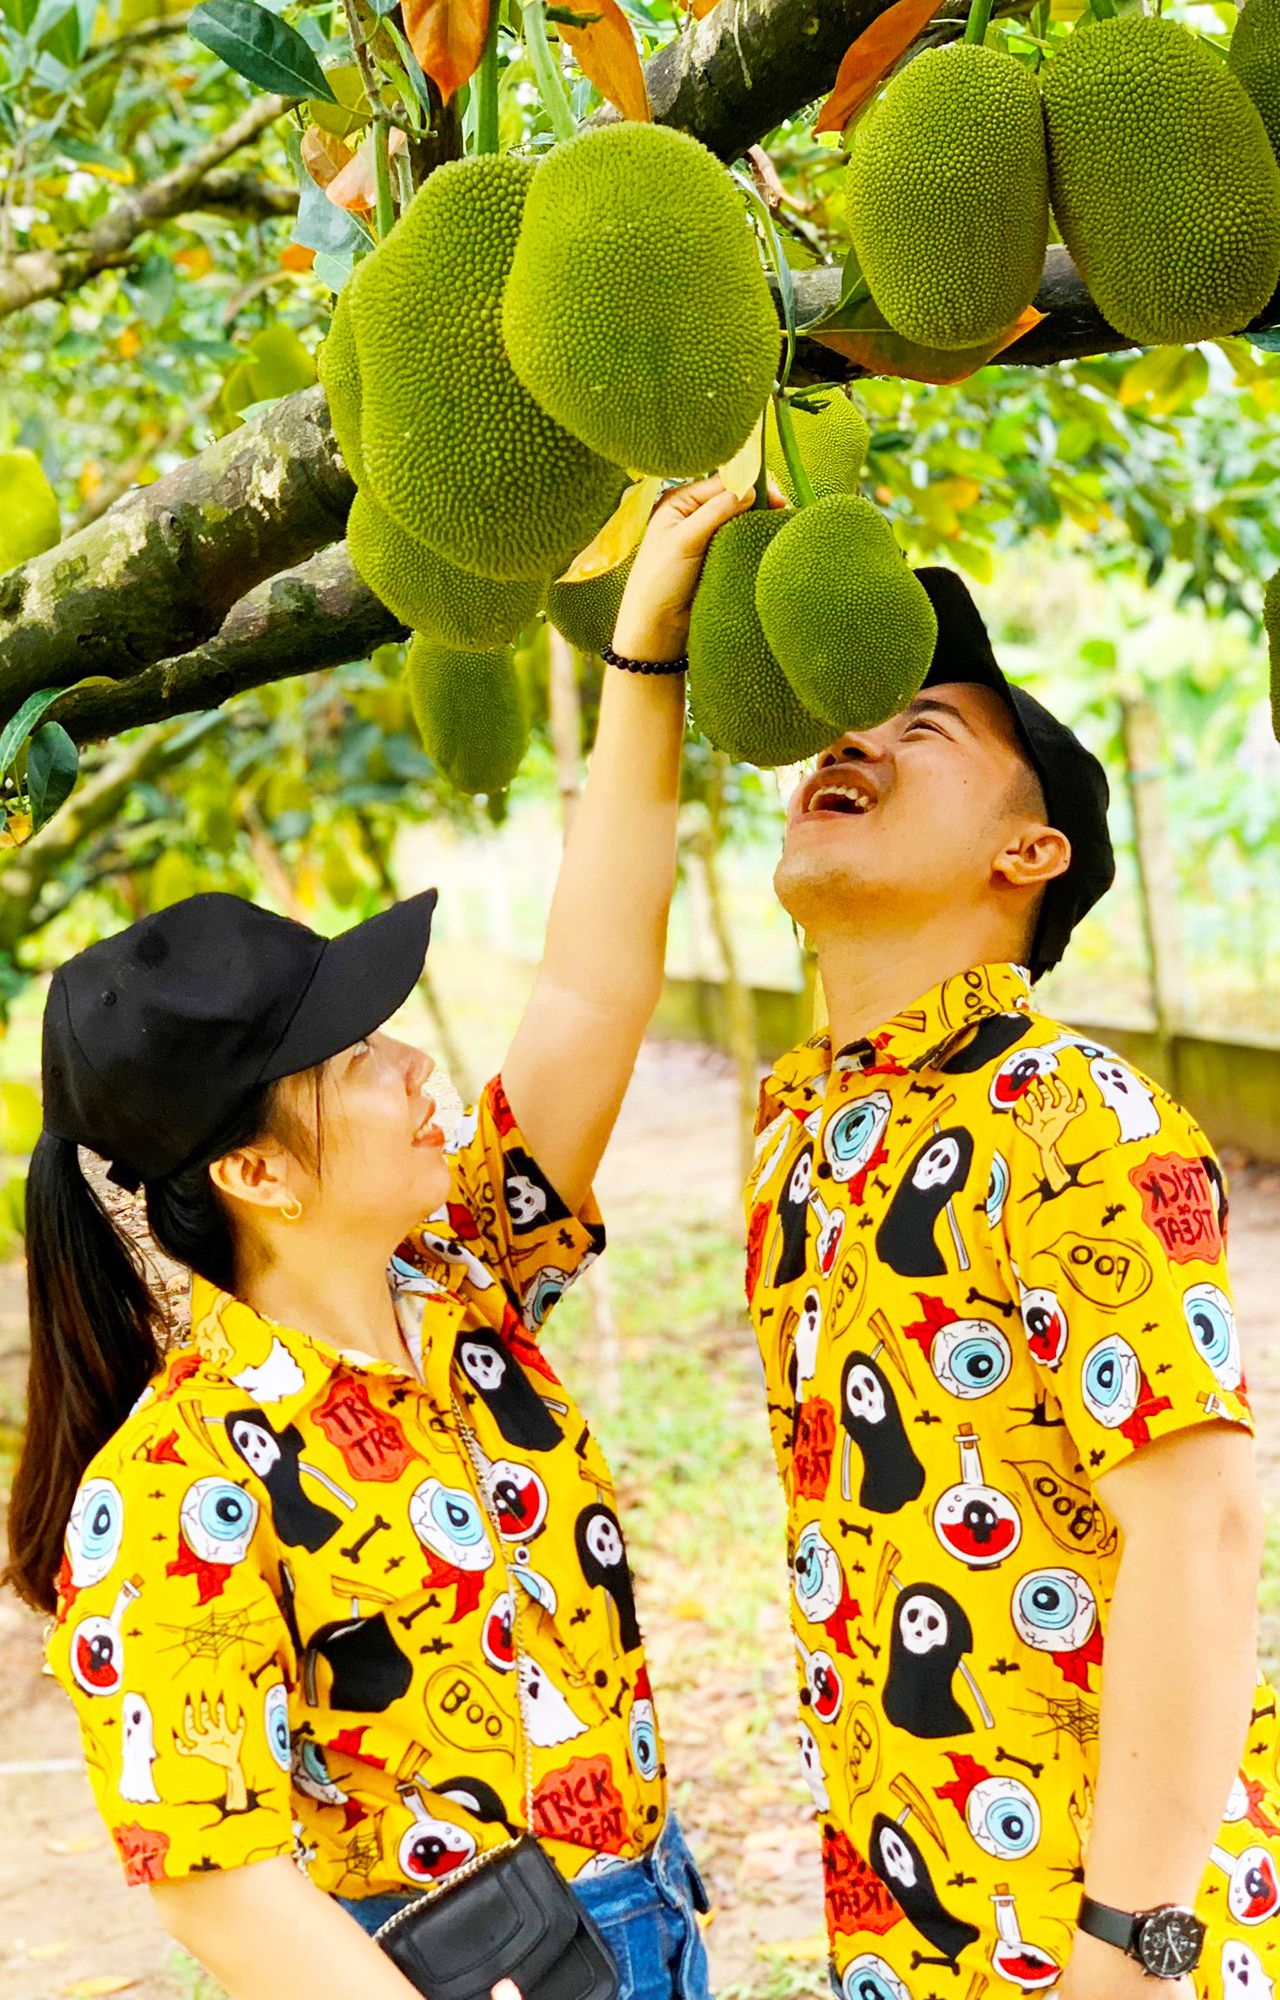 Vườn trái cây 3 Cống trĩu quả mùa trái cây